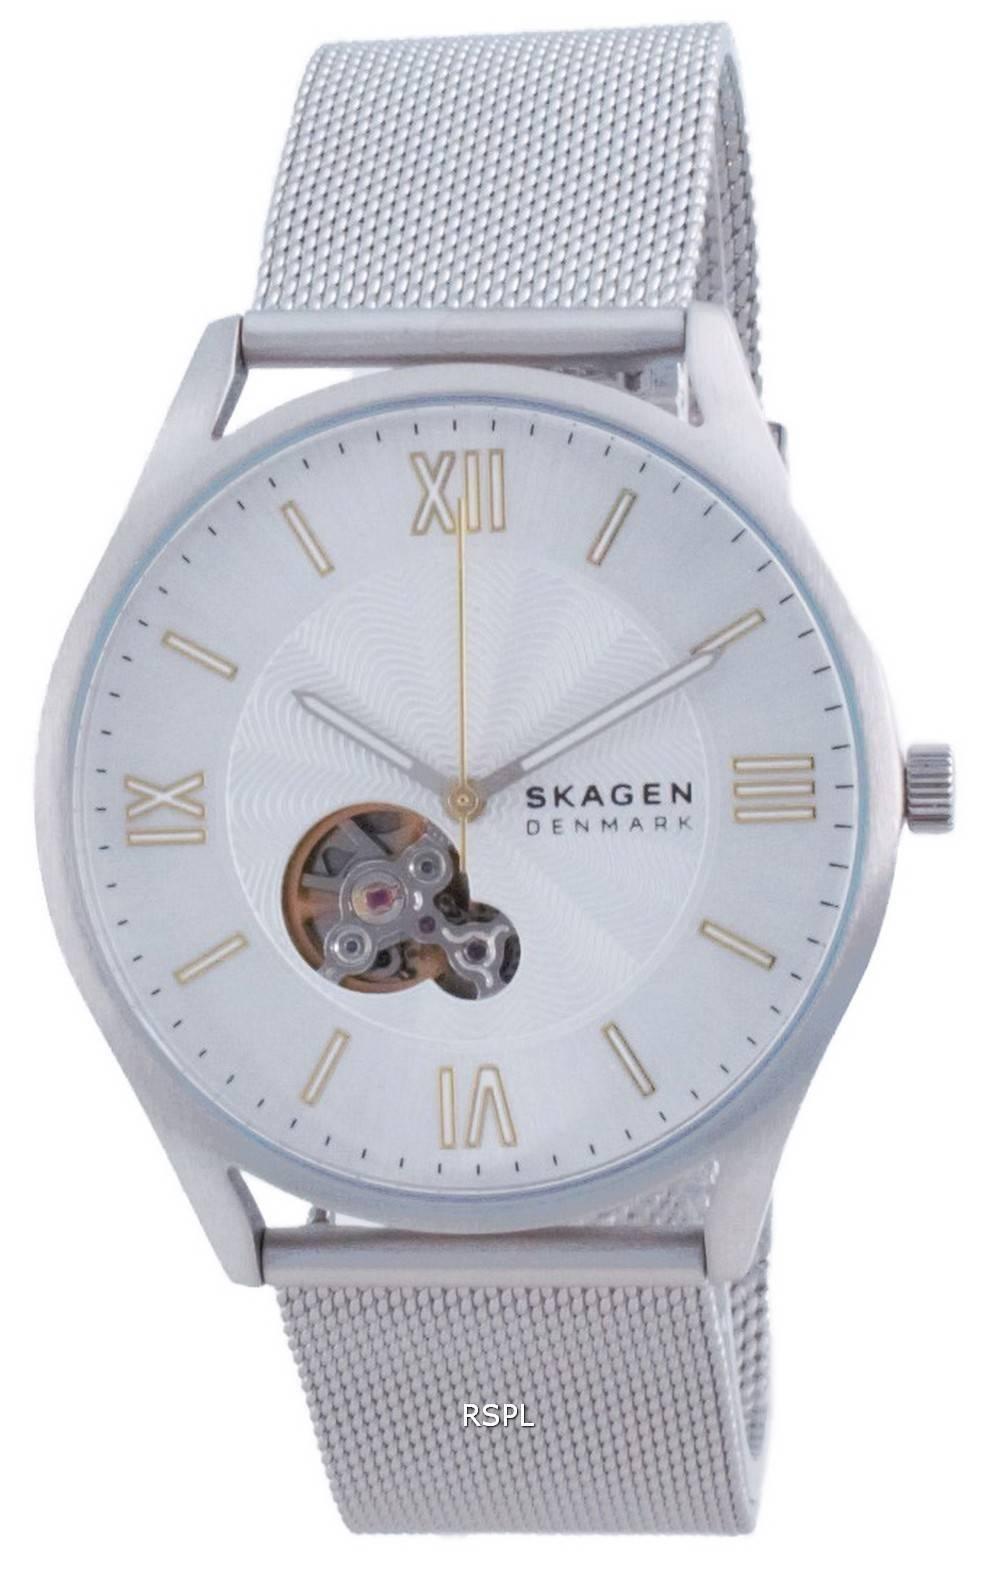 Skagen Holst avoimen sydämen ruostumattomasta teräksestä valmistettu automaattinen SKW6711 miesten kello